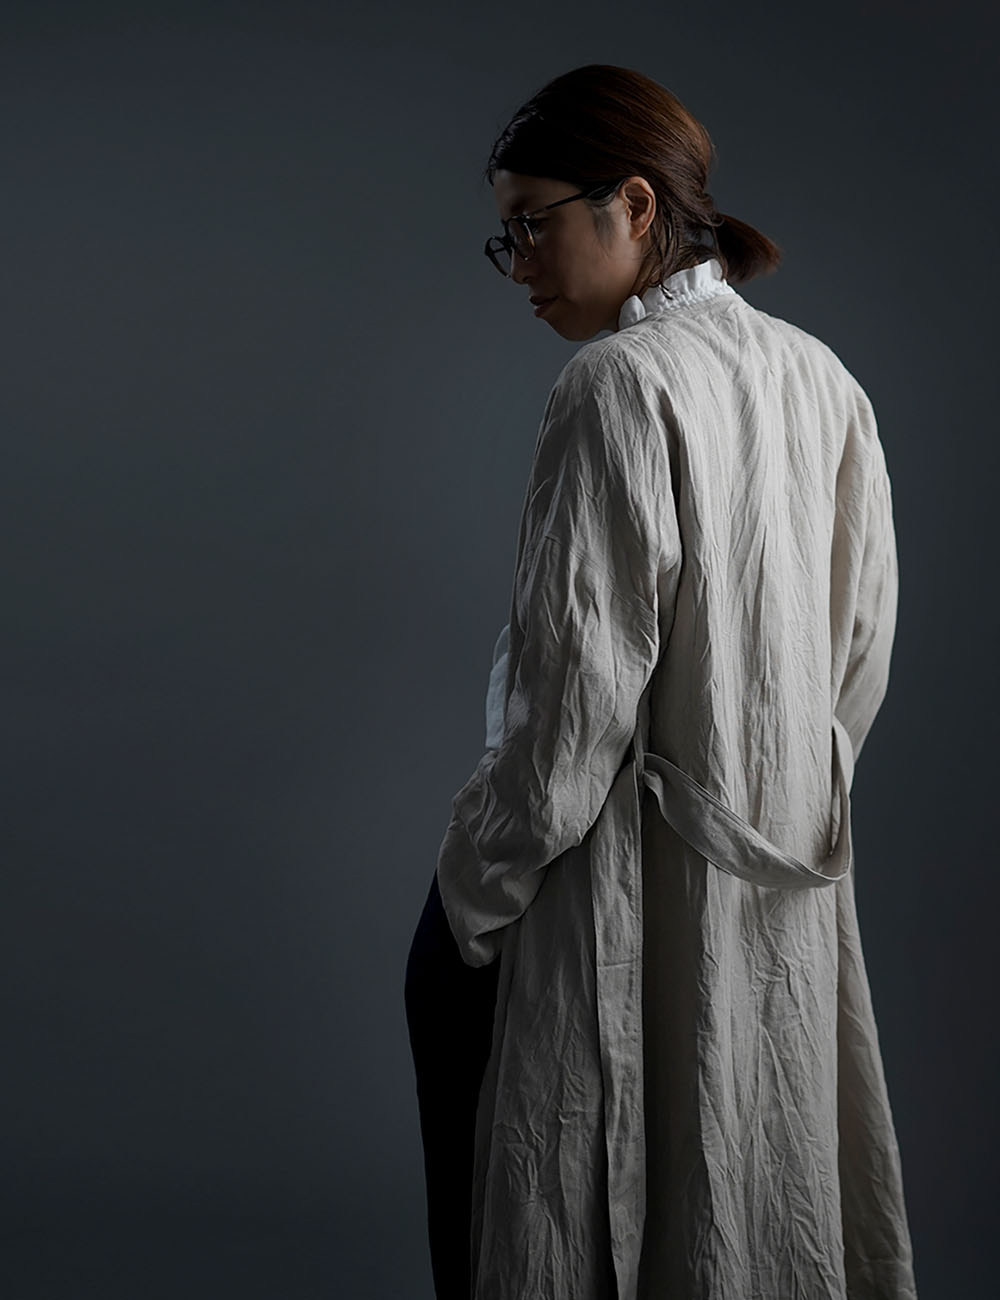 Linen Coat ノーカラーガウンコート ハンドワッシャー /亜麻ナチュラル h022a-amn2